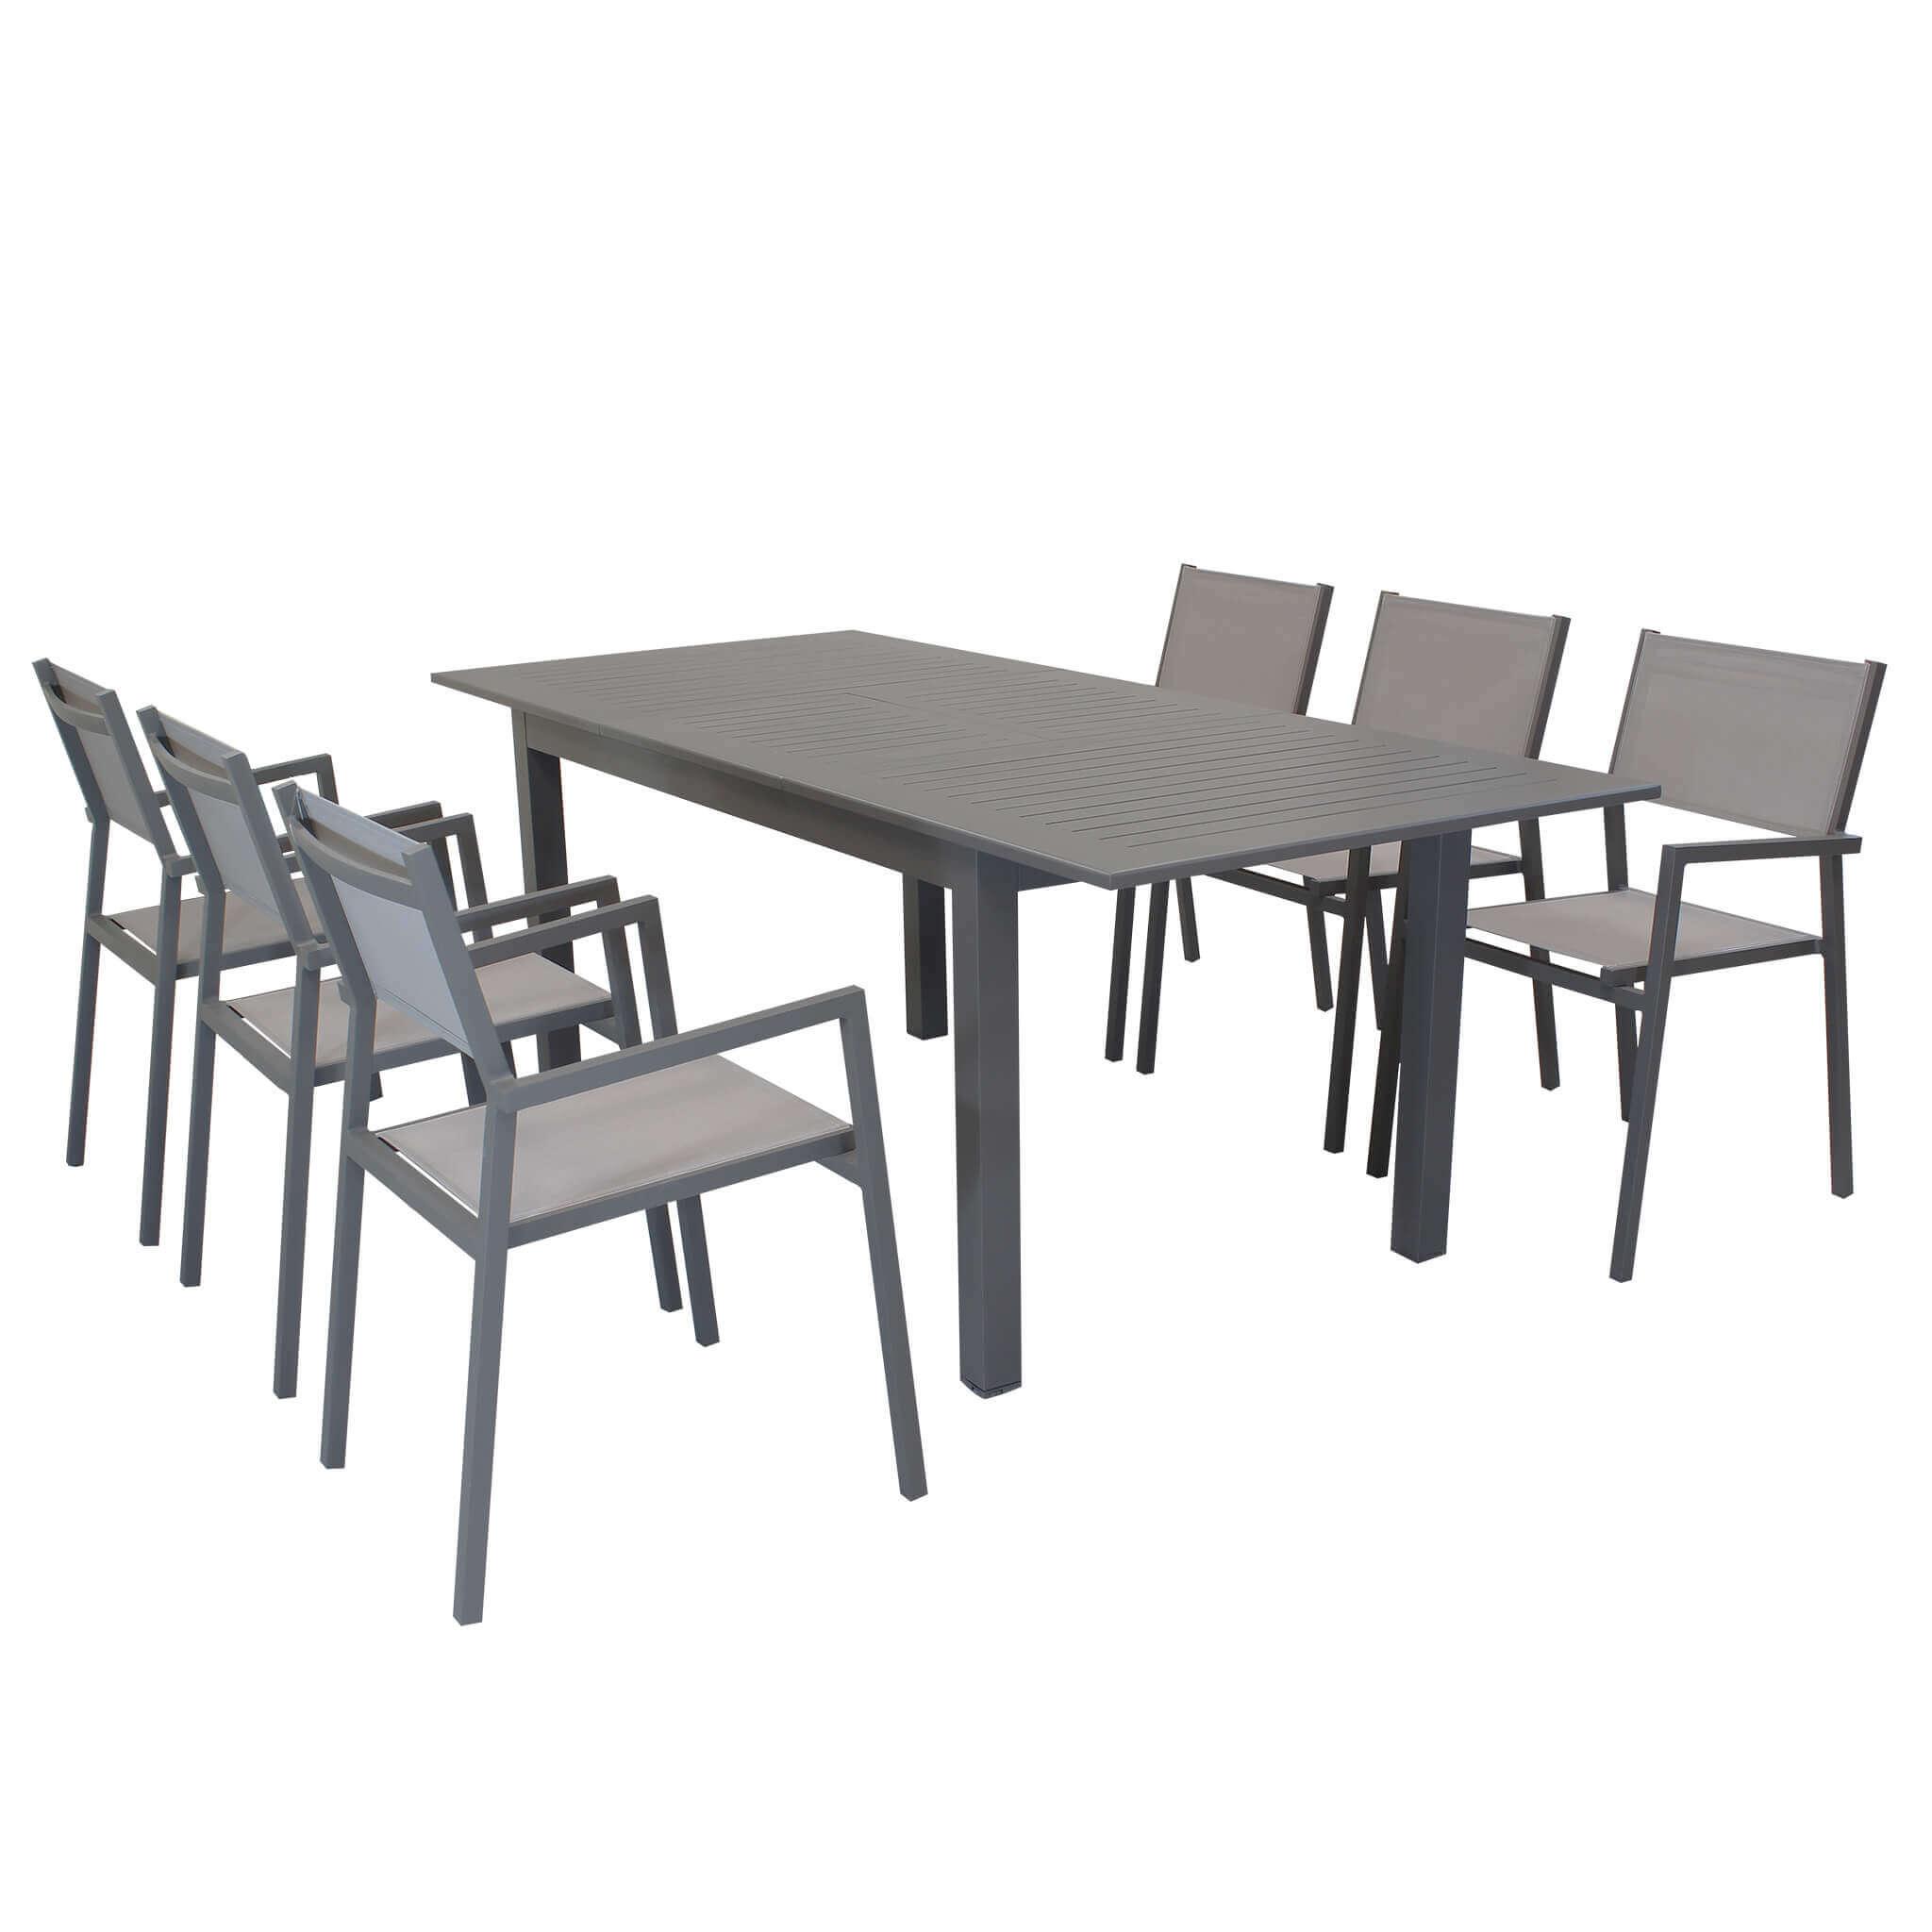 Milani Home ARGENTUM - set tavolo da giardino allungabile 150/210 x 90 compreso di 6 poltrone in alluminio